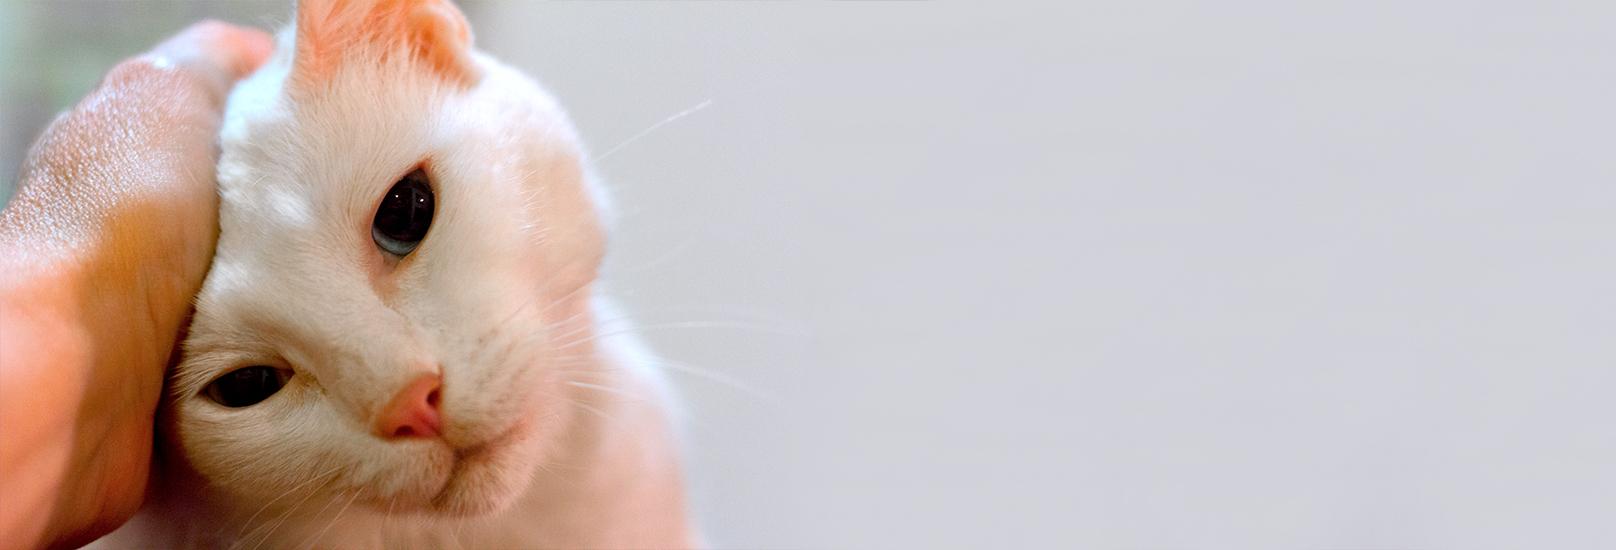 slider-gato